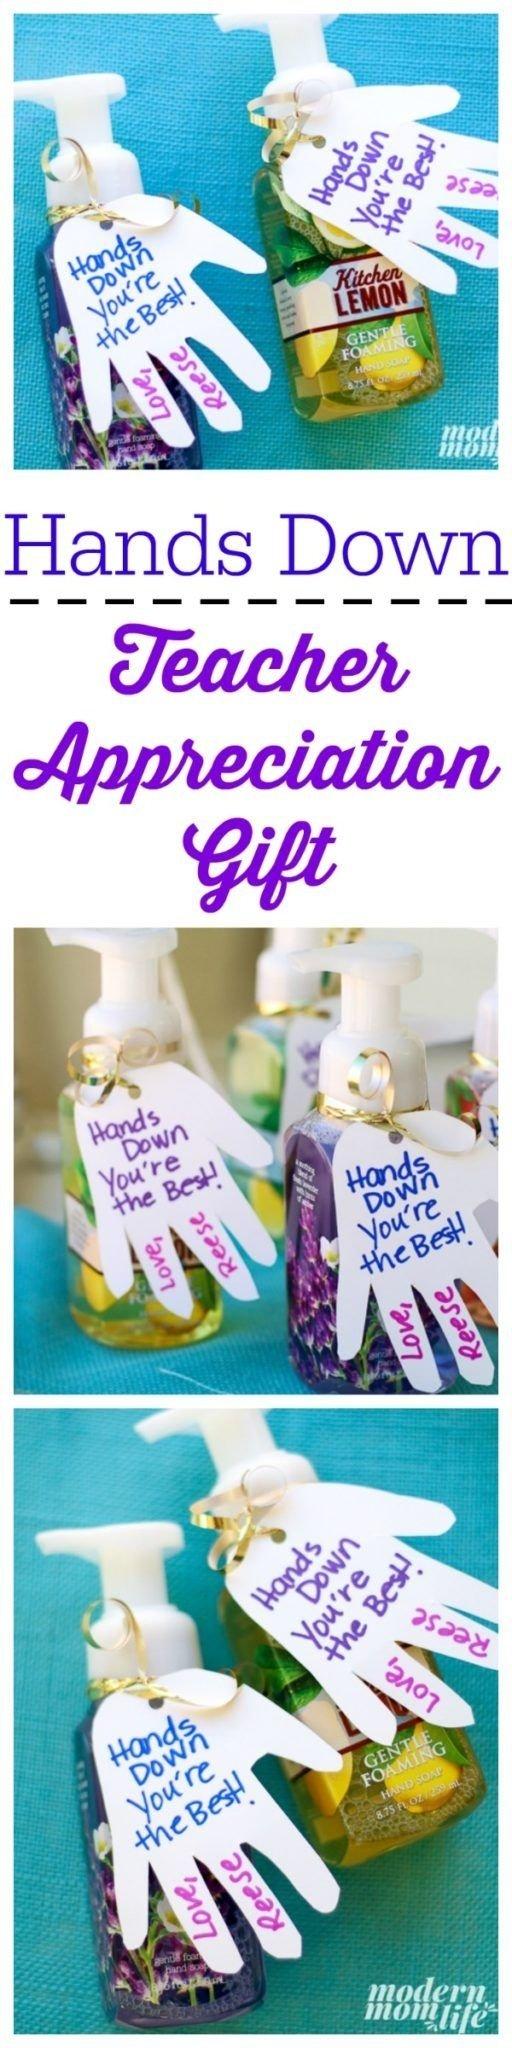 10 Best Teacher Appreciation Homemade Gift Ideas 130 best back to school images on pinterest teacher appreciation 2020